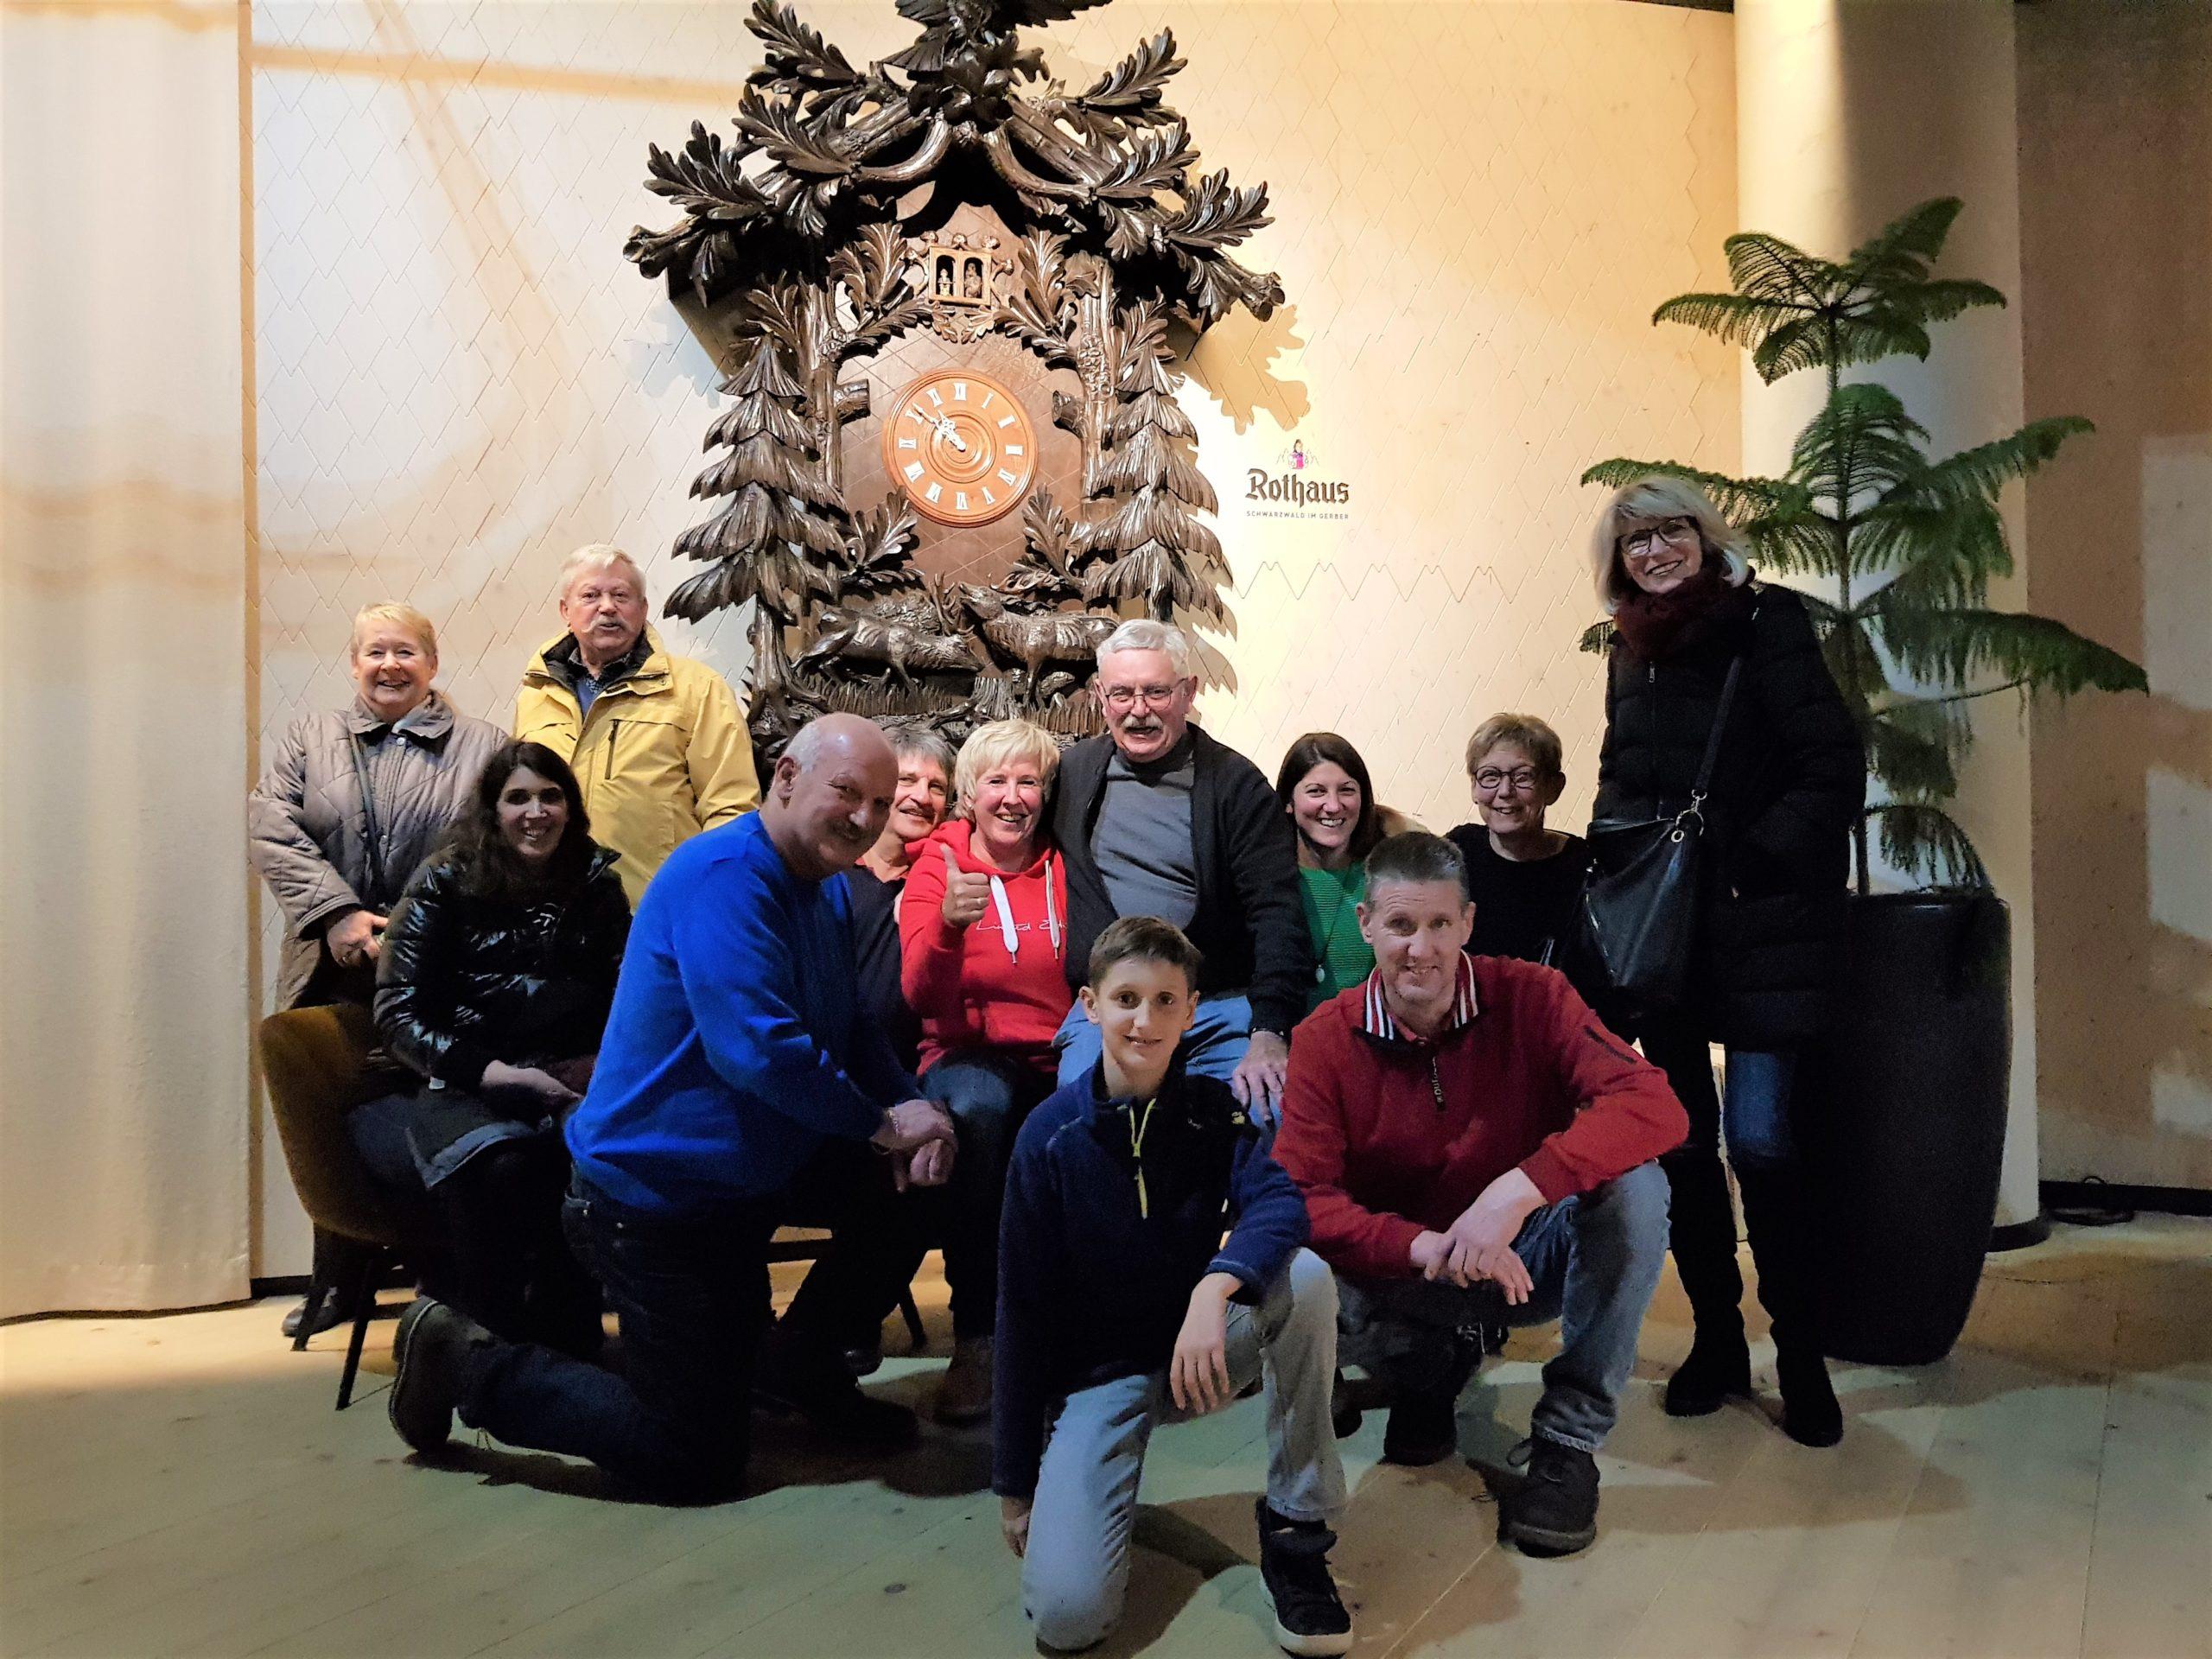 Weihnachtsmarkt-Ausflug 2019